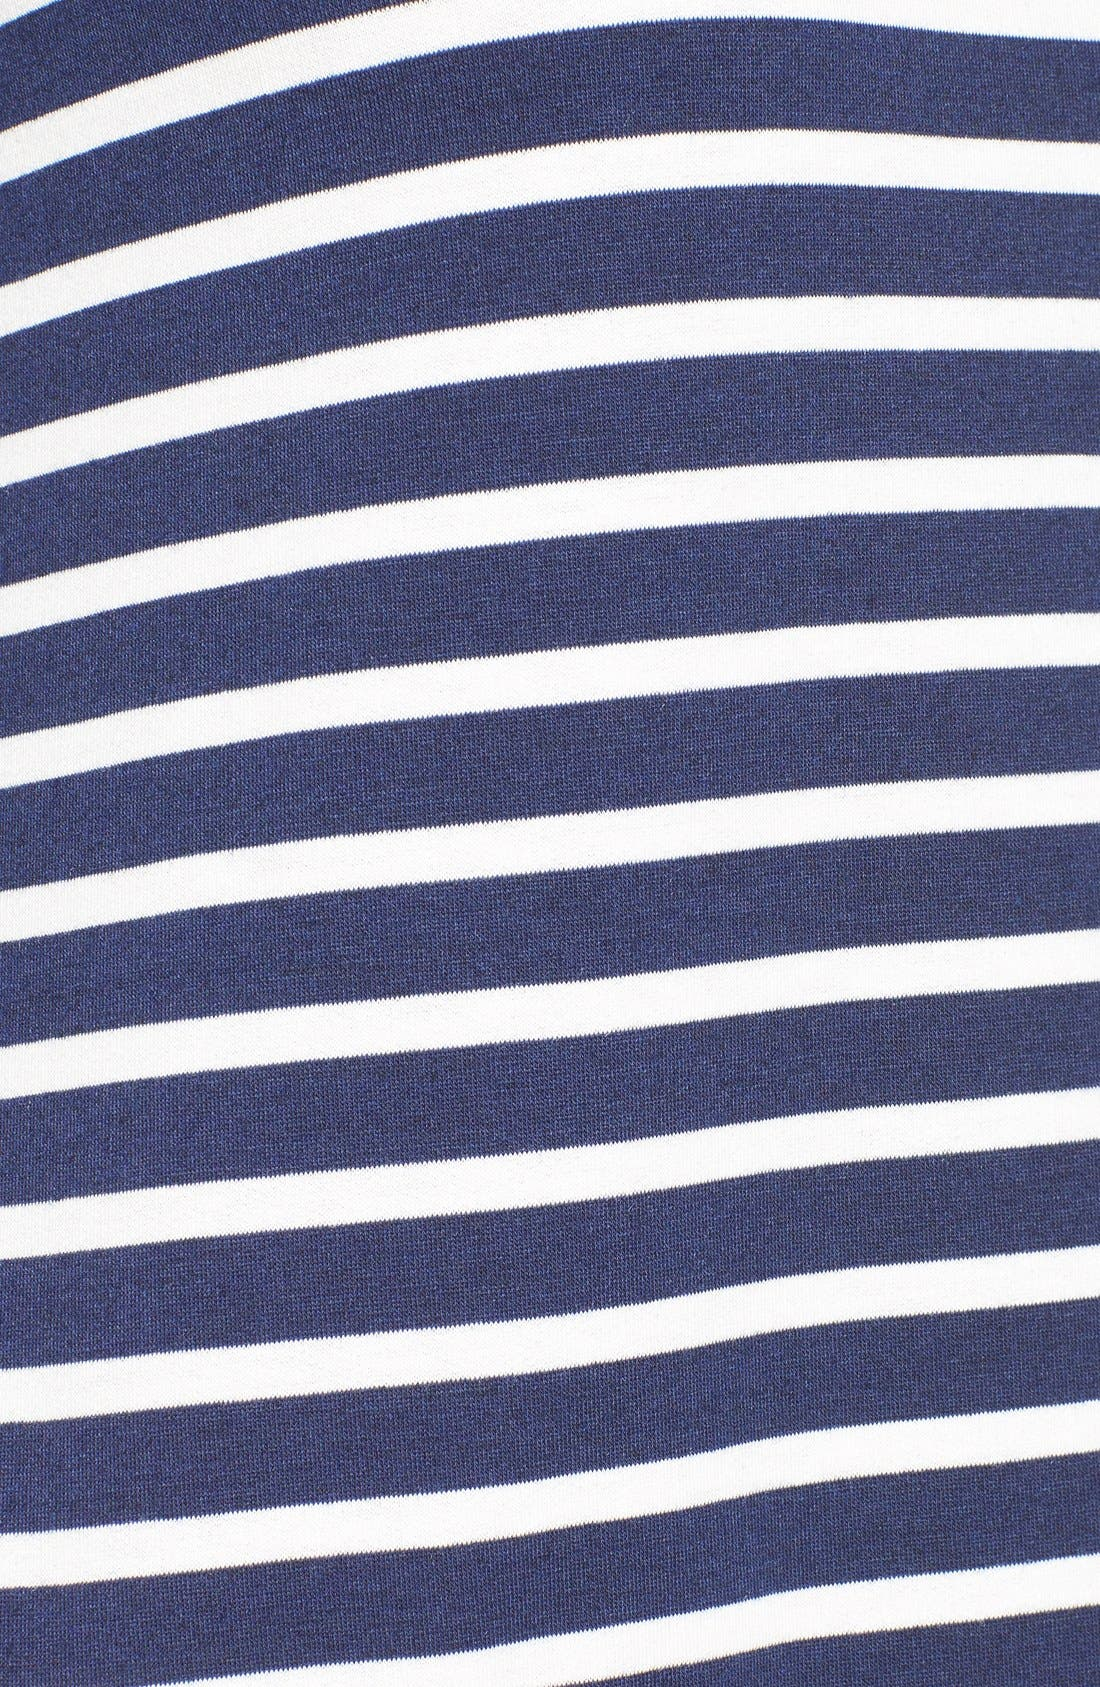 Knit Shift Dress,                             Alternate thumbnail 50, color,